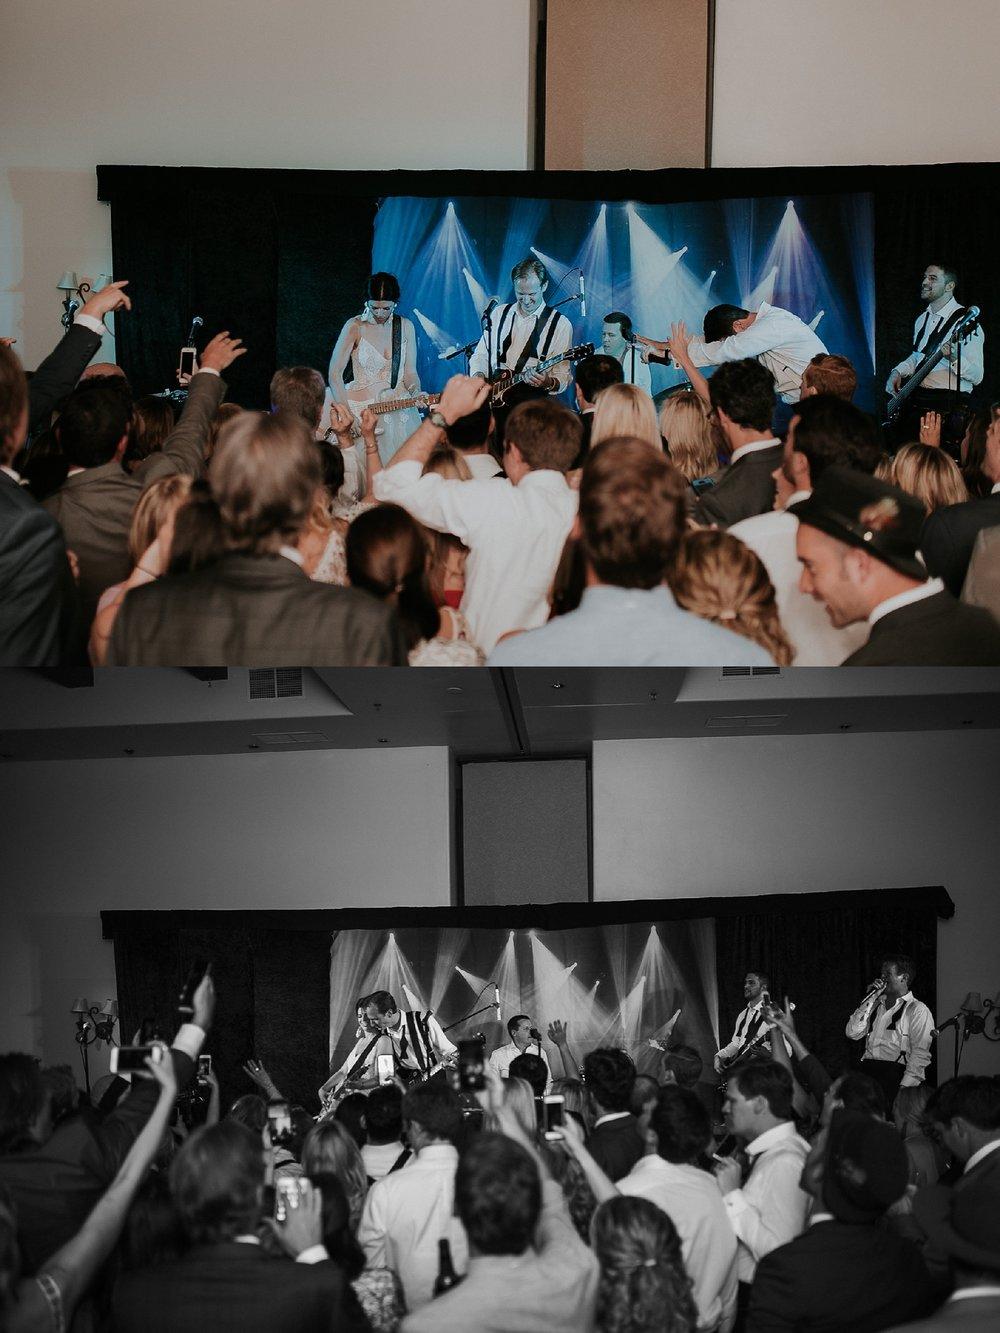 Alicia+lucia+photography+-+albuquerque+wedding+photographer+-+santa+fe+wedding+photography+-+new+mexico+wedding+photographer+-+new+mexico+wedding+dj+-+new+mexico+wedding+band+-+wedding+music_0057.jpg